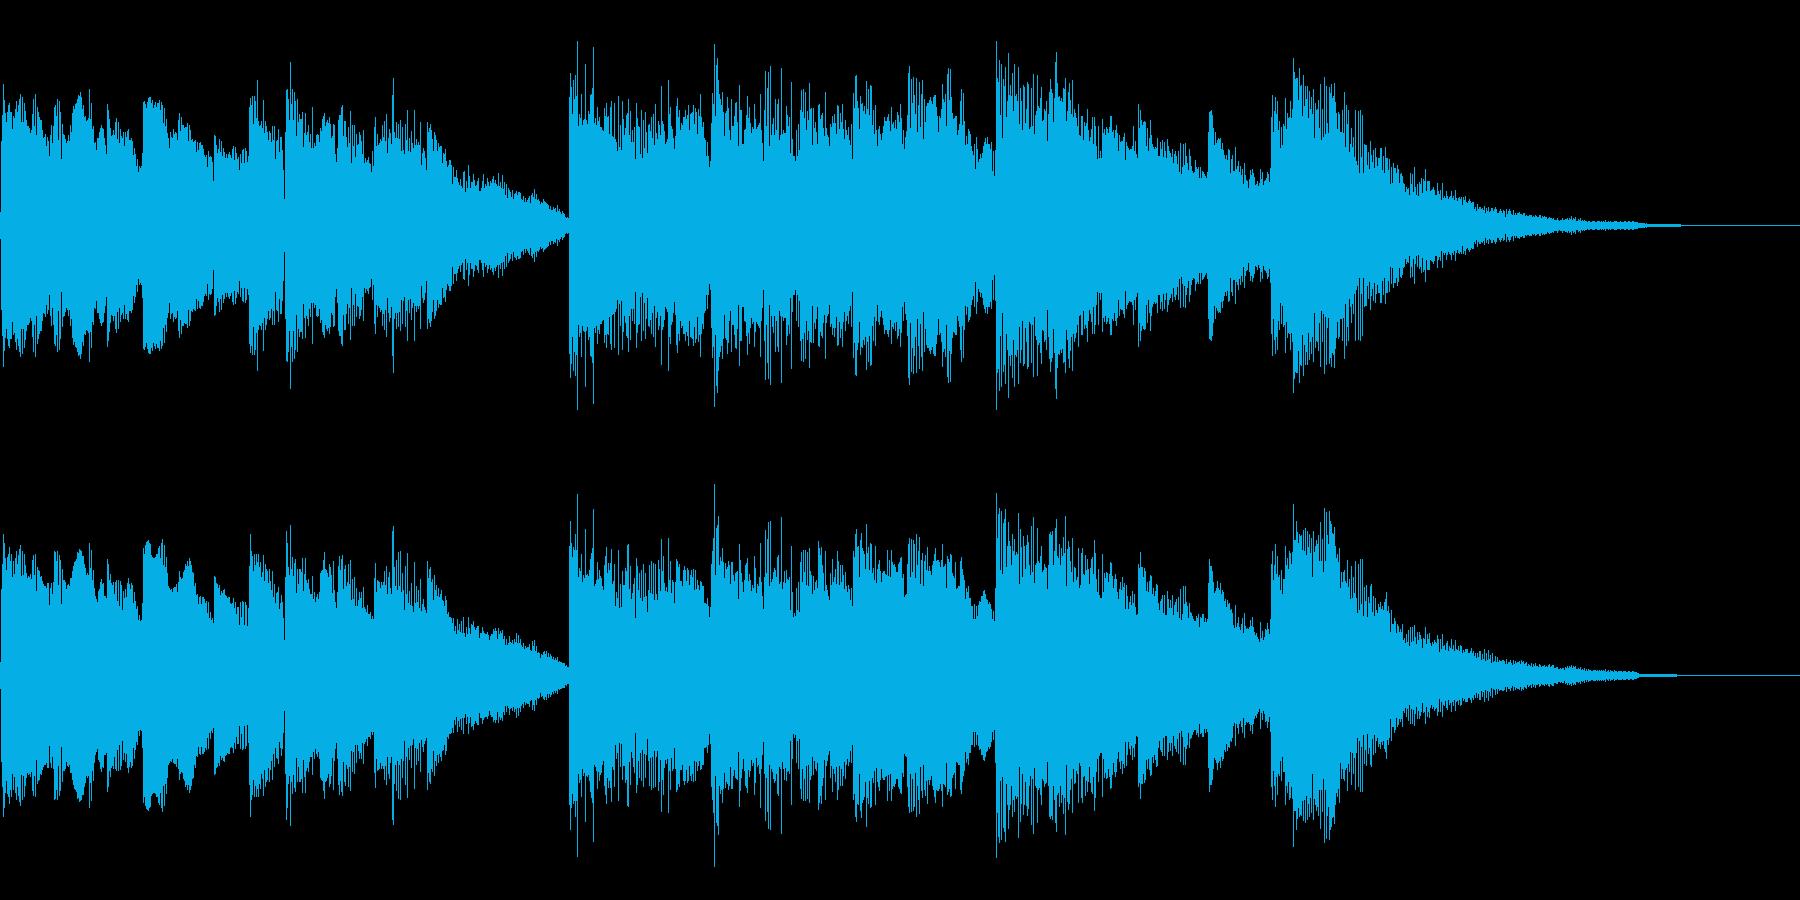 エレクトリックピアノで作ったジングルの再生済みの波形